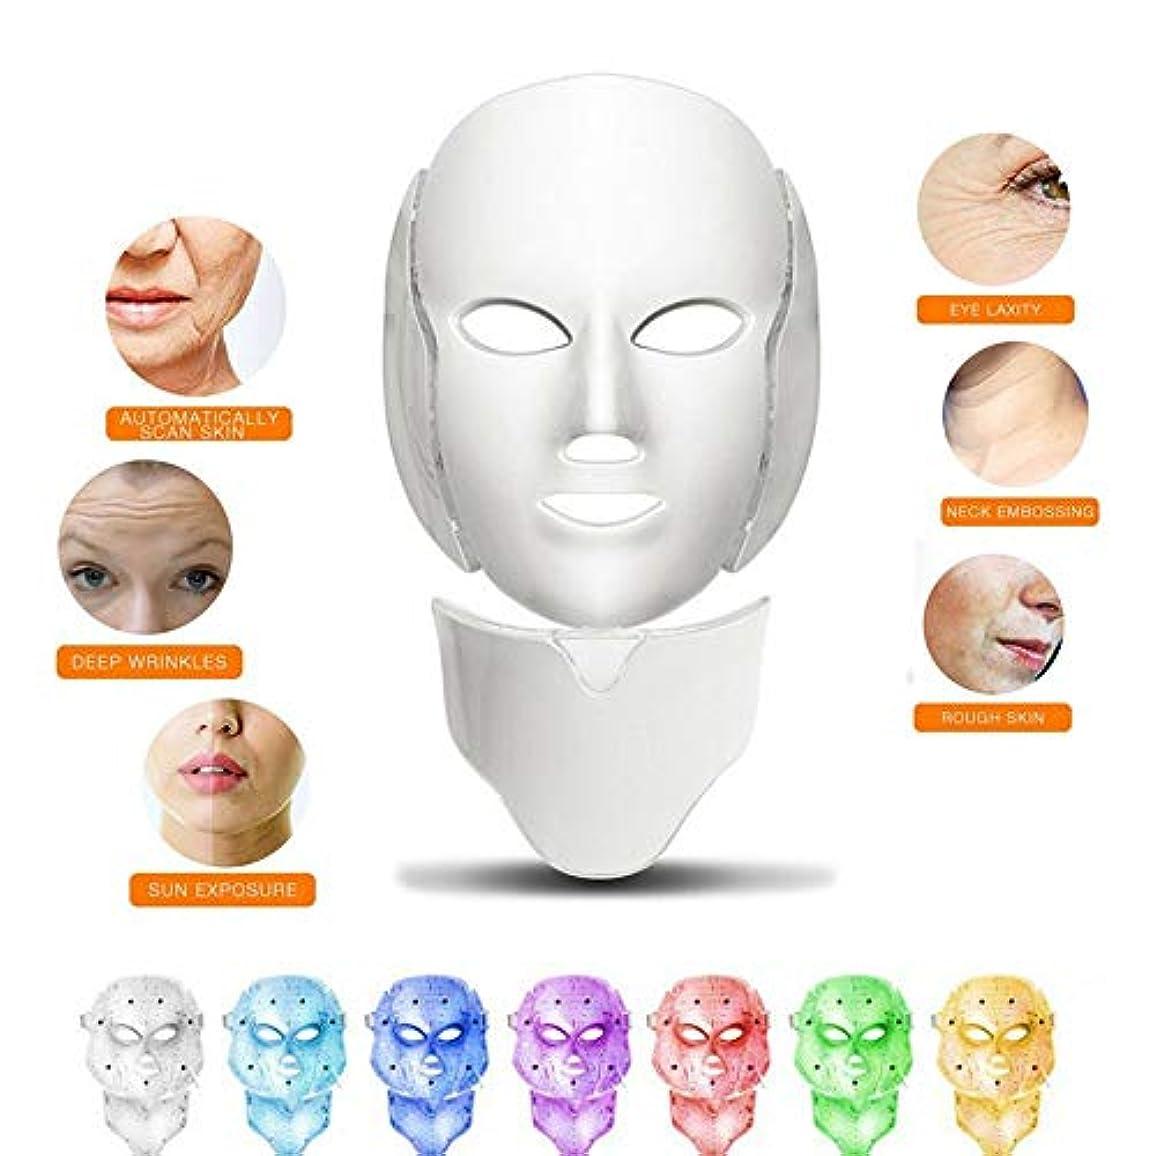 ギャングどちらか誘惑赤色光光子療法機7色ledフェイスマスク+首、肌の若返りしわにきび除去フェイシャルスパ美容機器、ホワイト